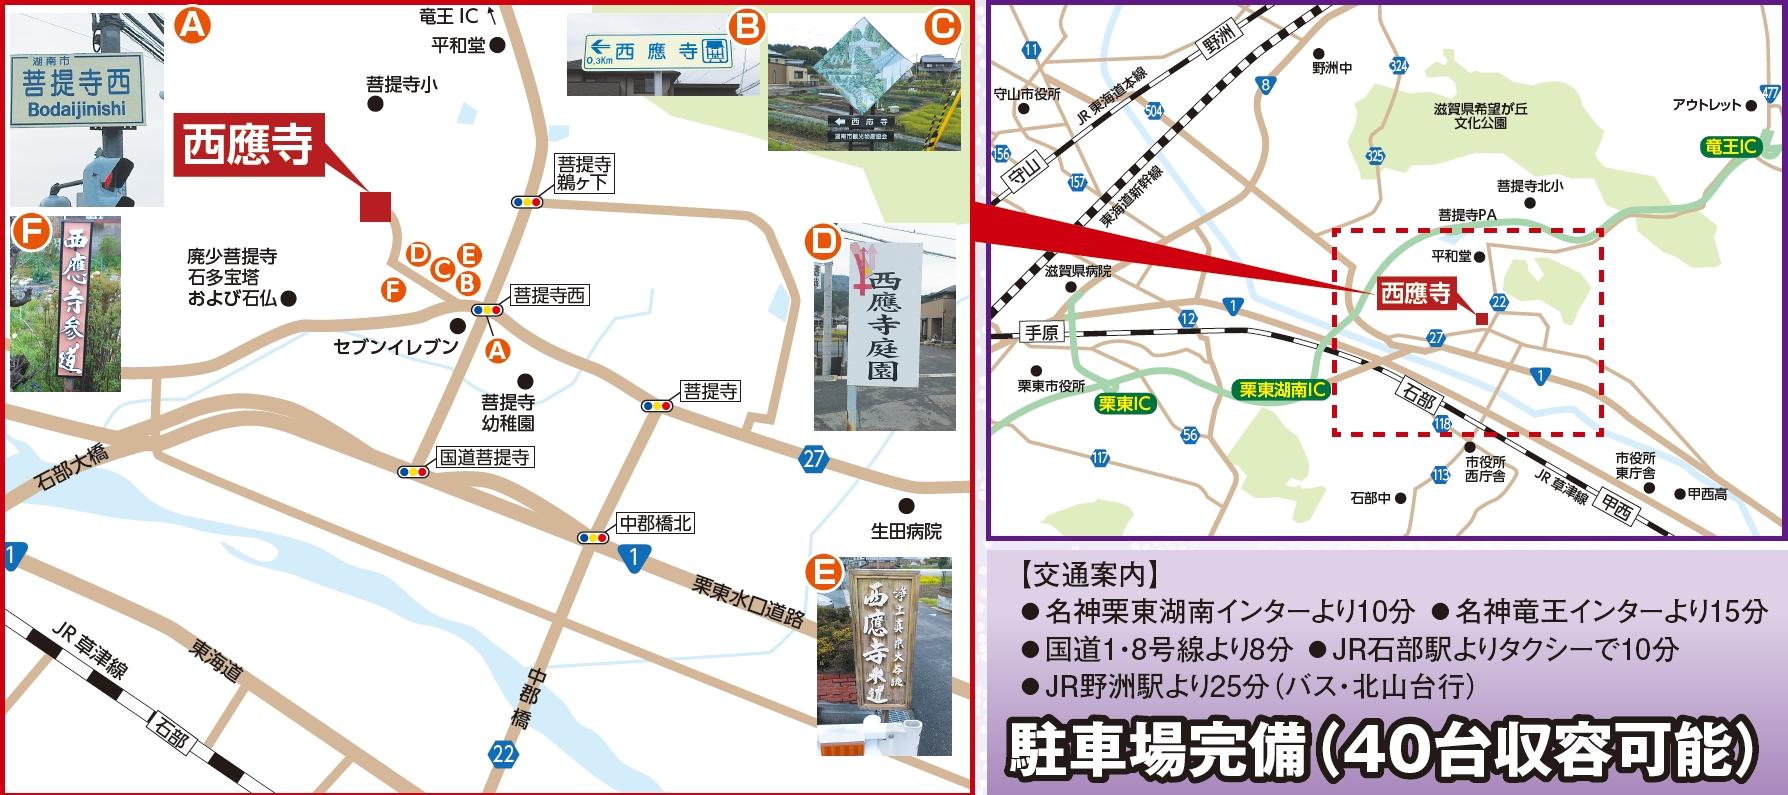 滋賀湖南_西應寺地図